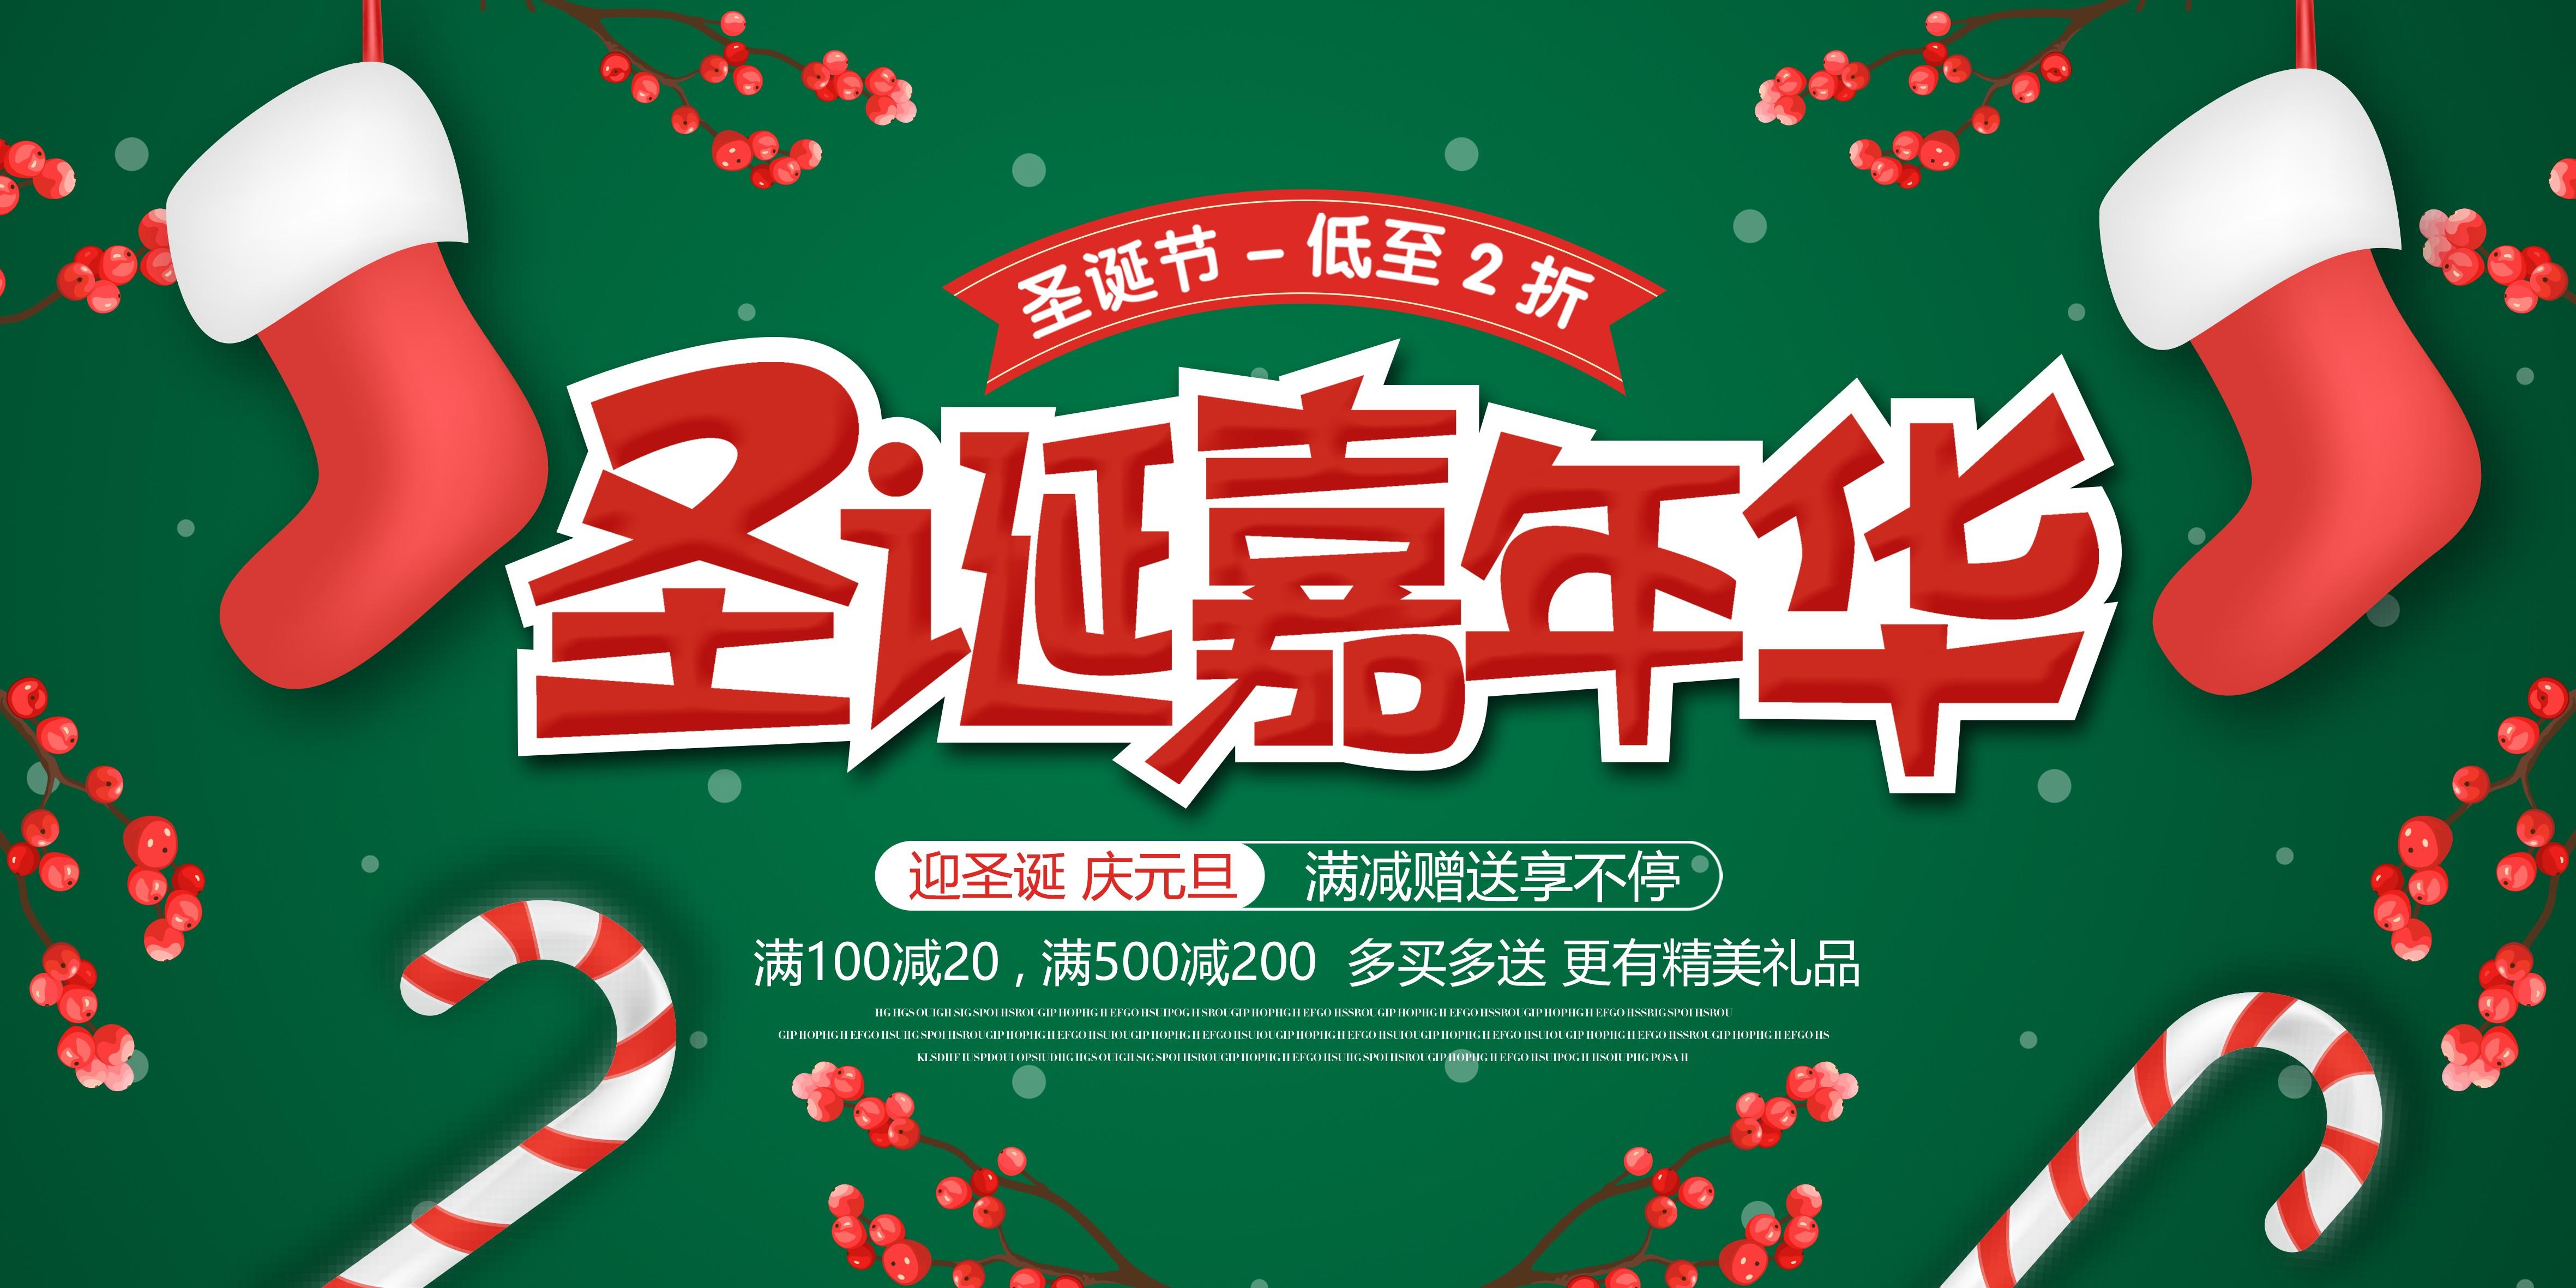 绿色背景圣诞节展板圣诞元旦christmas